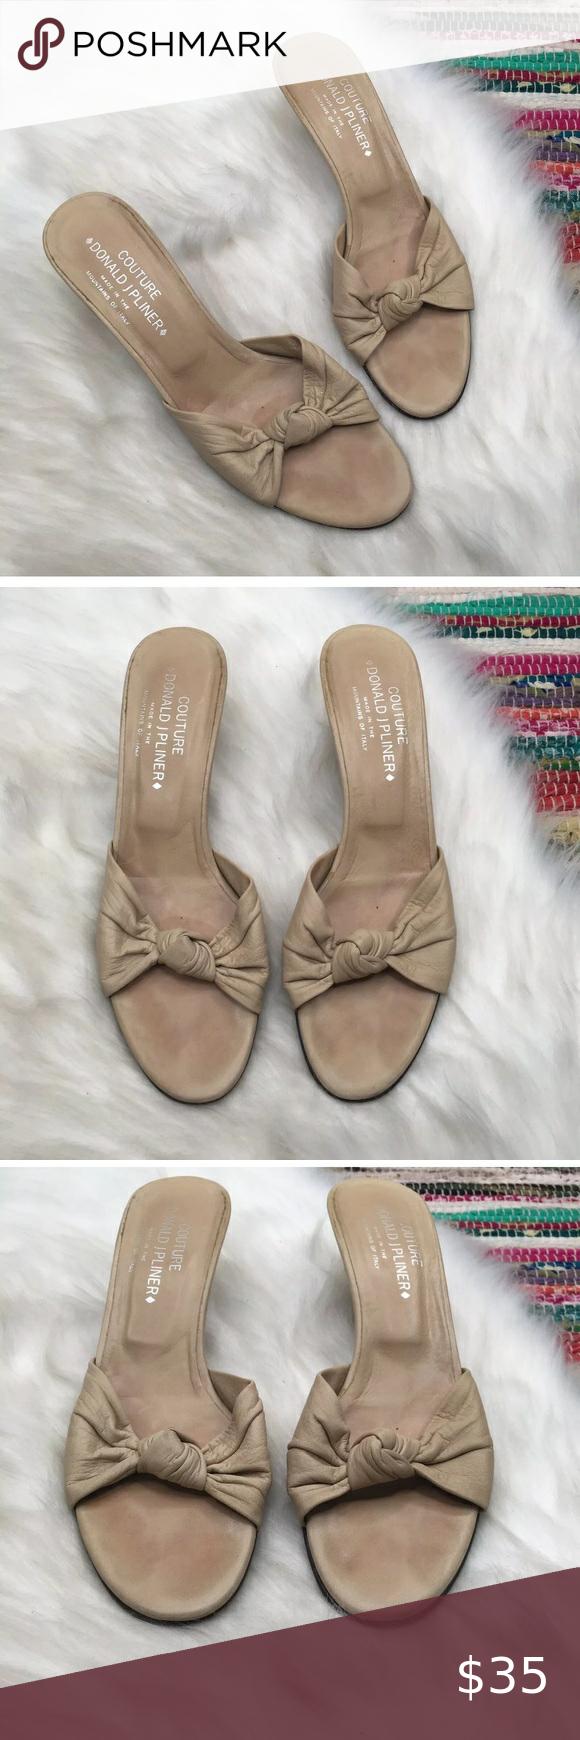 Donald J Pliner Kina Kitten Heel Sandals 9 N Sand Couture By Donald J Pliner Women S Kina Nappa Leather Kitten H In 2020 Kitten Heel Sandals Sandals Heels Kitten Heels